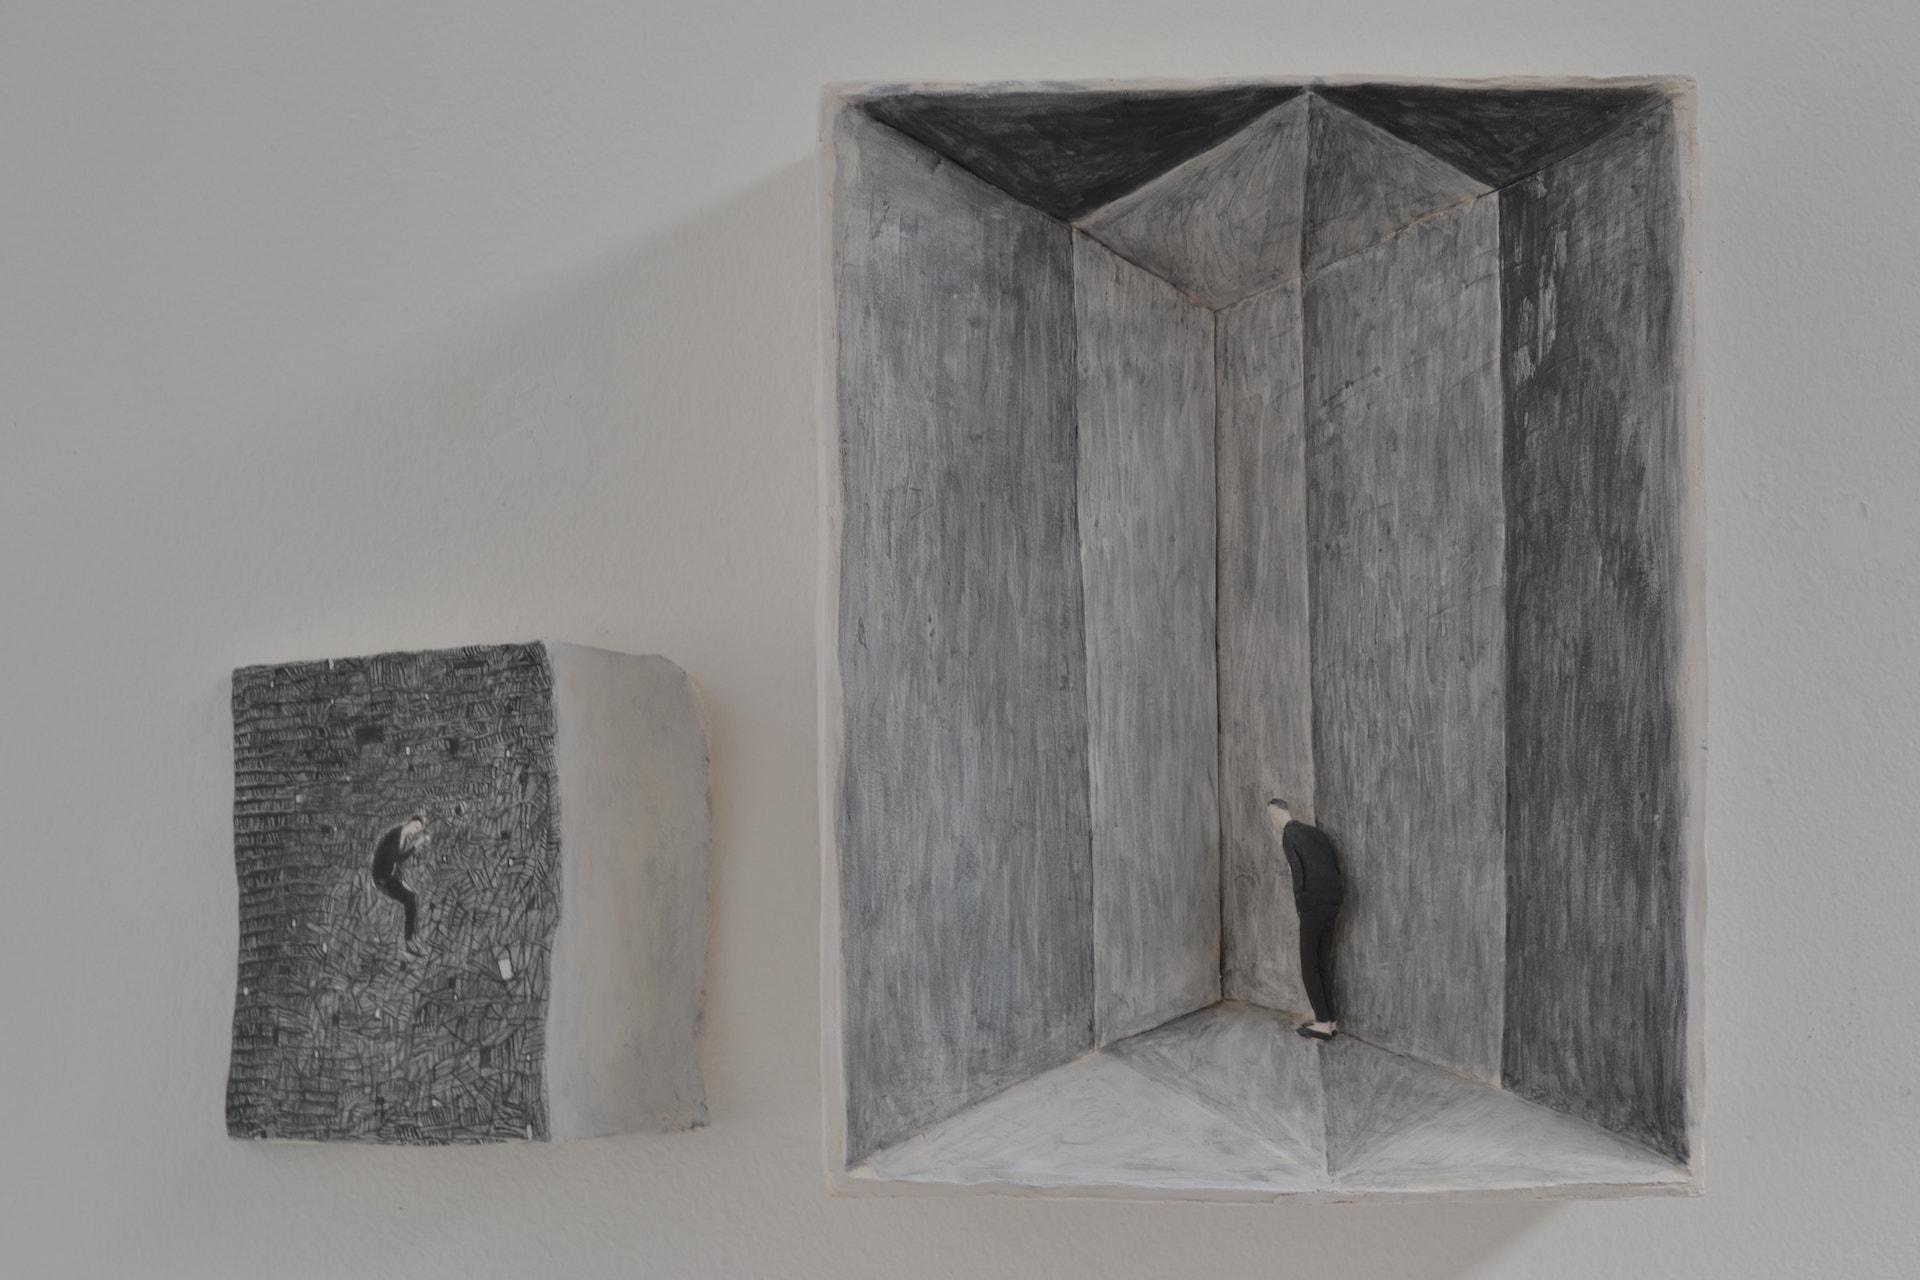 Vicolo cieco (installazione), 2018, terracotta a ingobbio, 64 x 47 x 13 cm